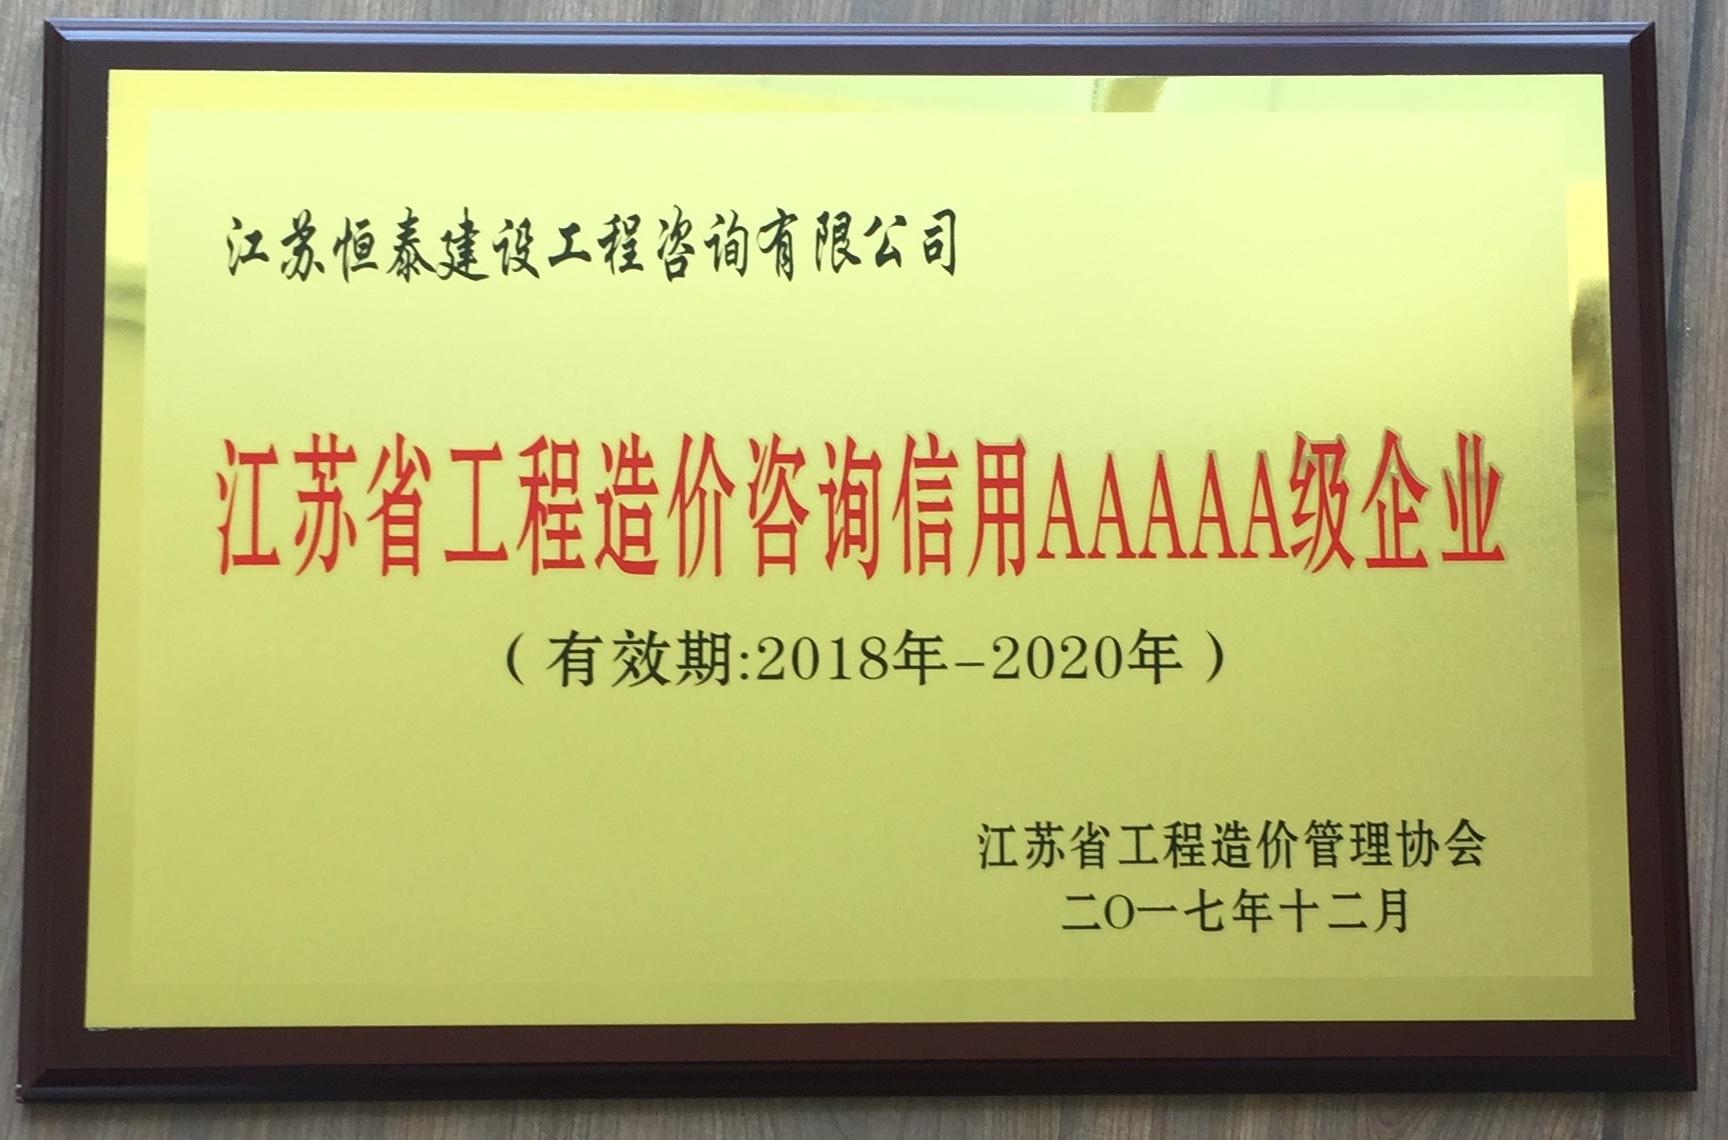 江苏省工程造价咨询信用AAAAA级企业—恒泰建设